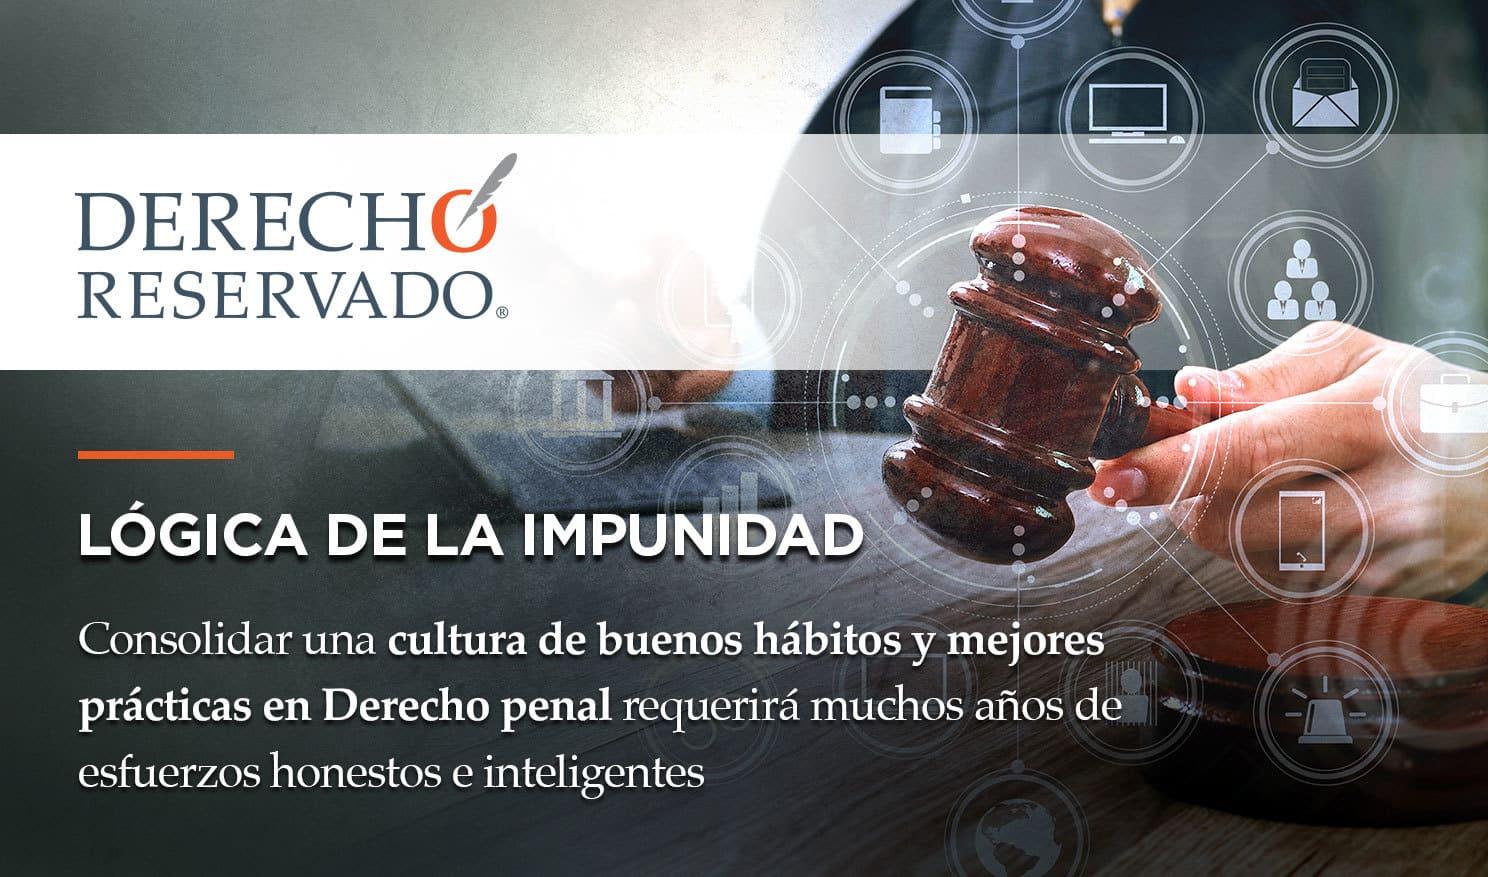 Logica de impunidad | Derecho Reservado | Carlos Requena